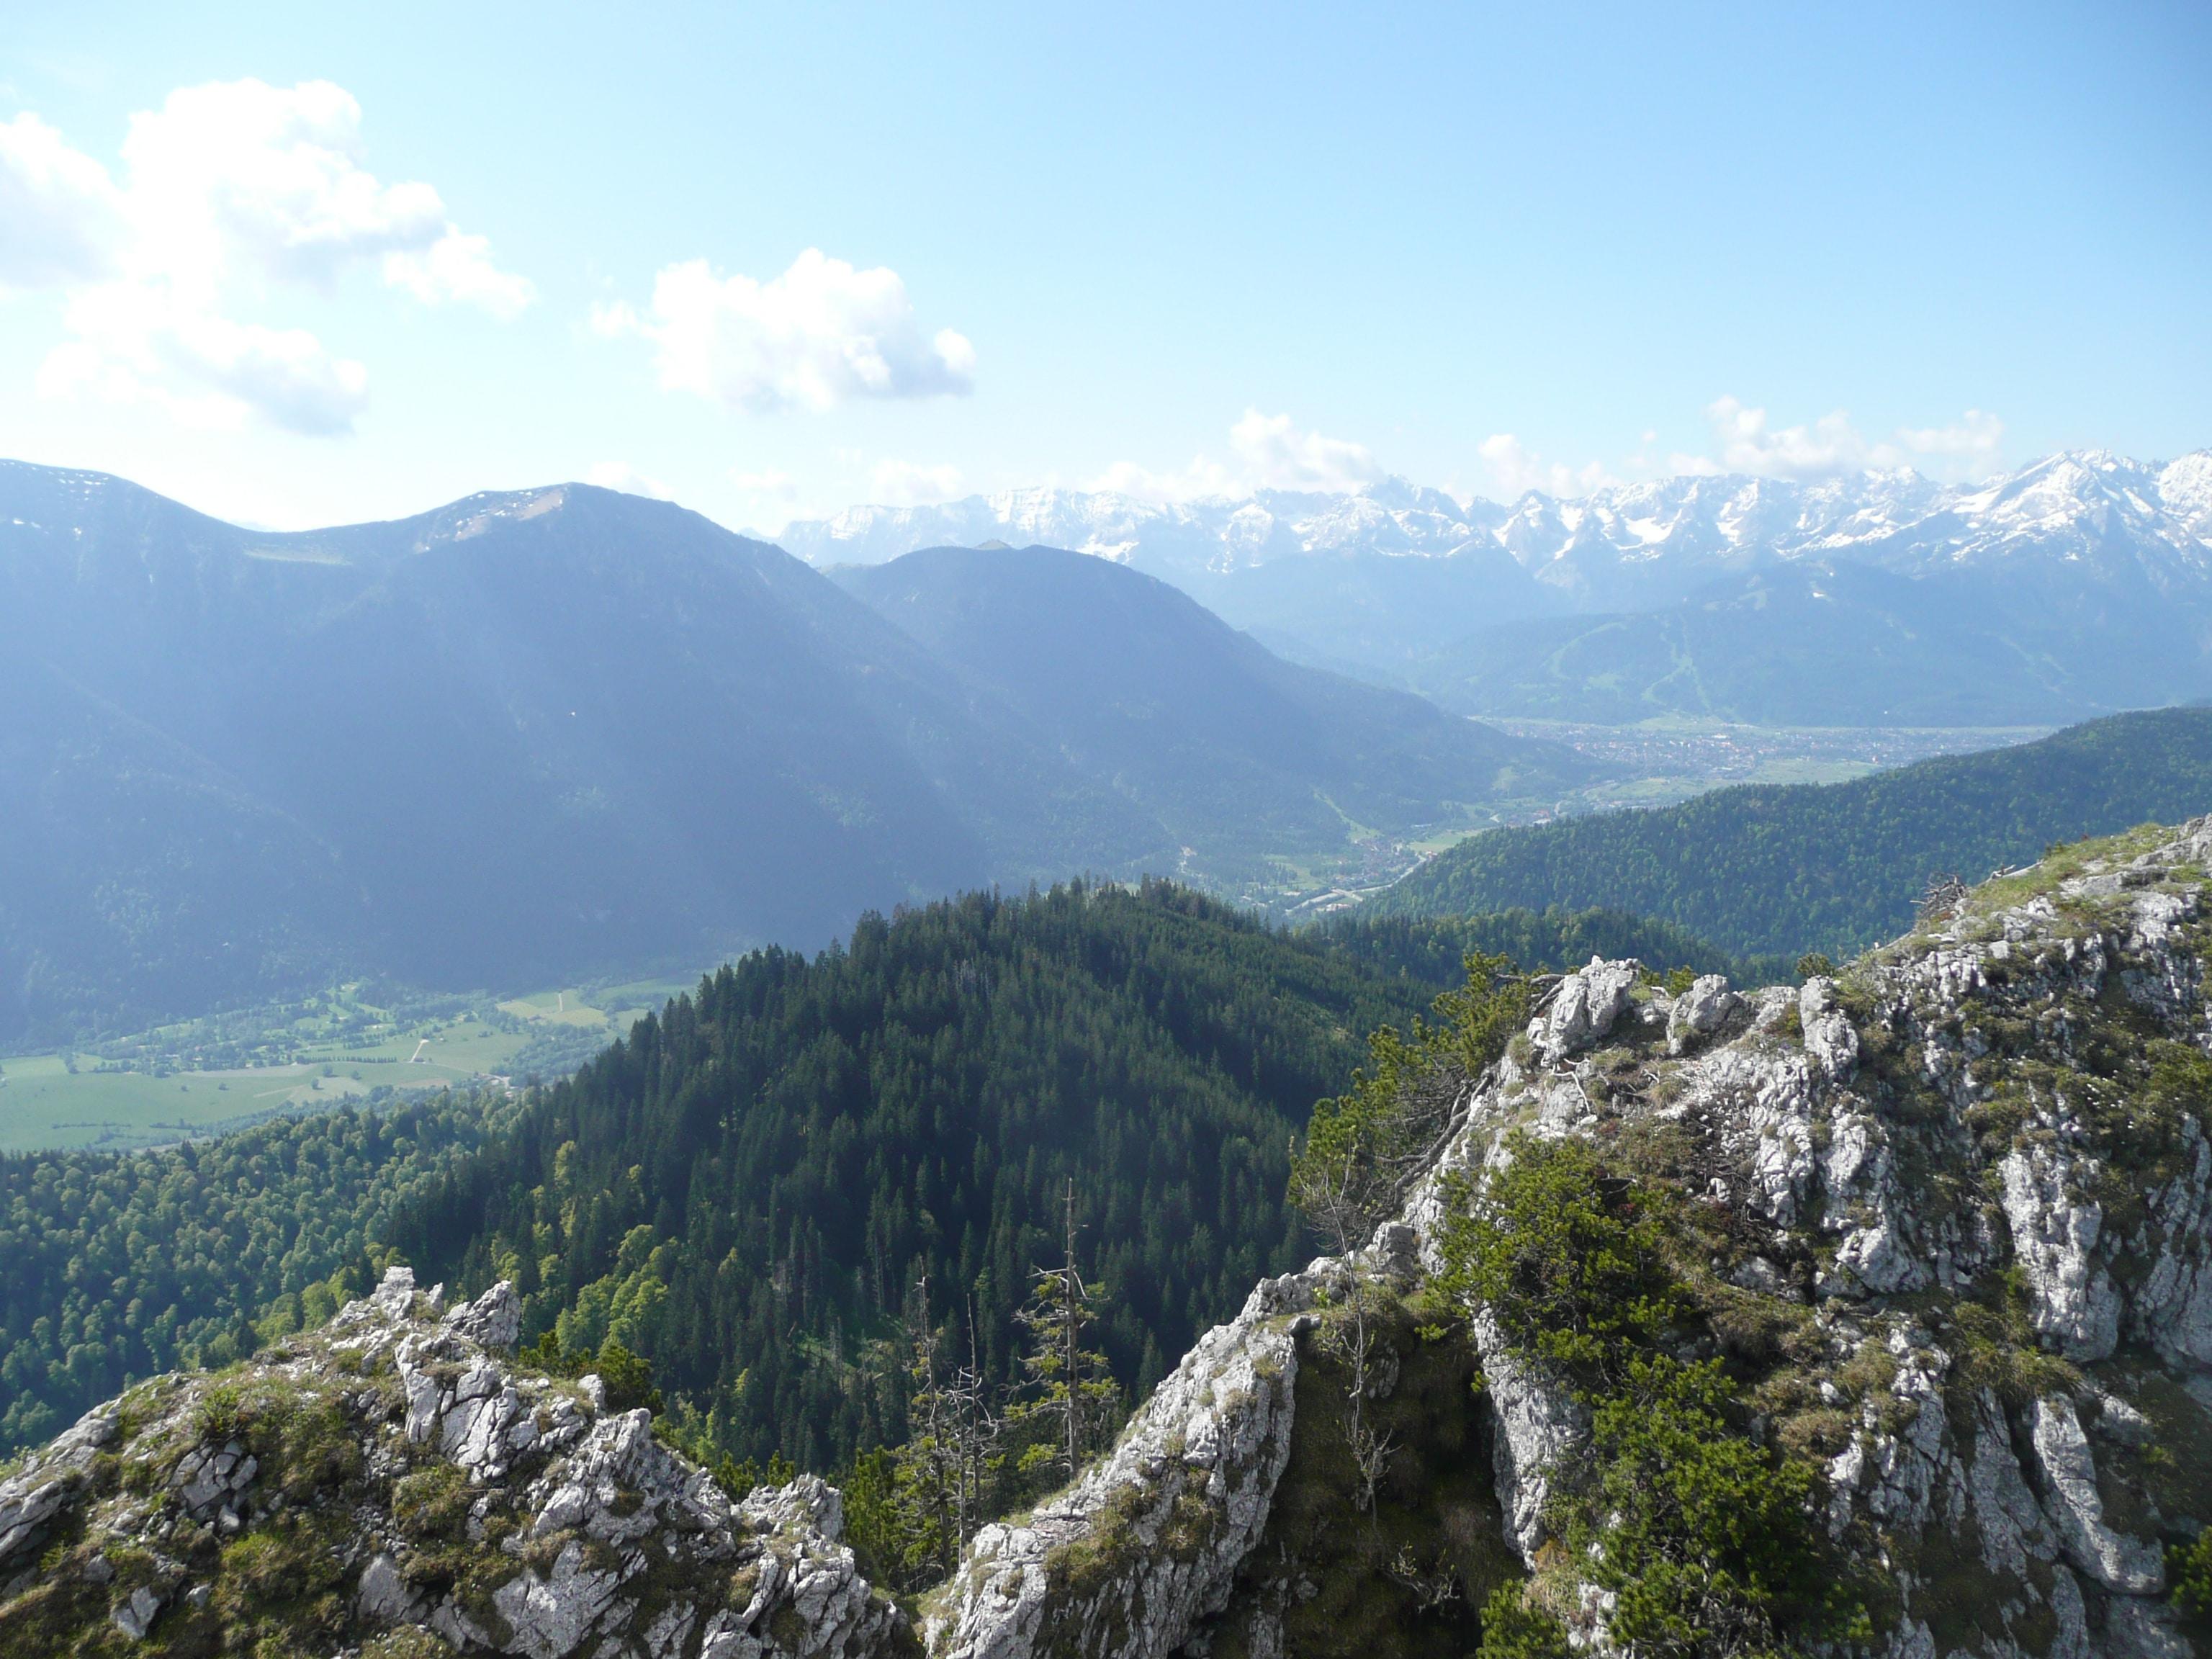 Klettersteig Nähe Zürich : Ettaler mandl klettersteig bergwanderung auf das